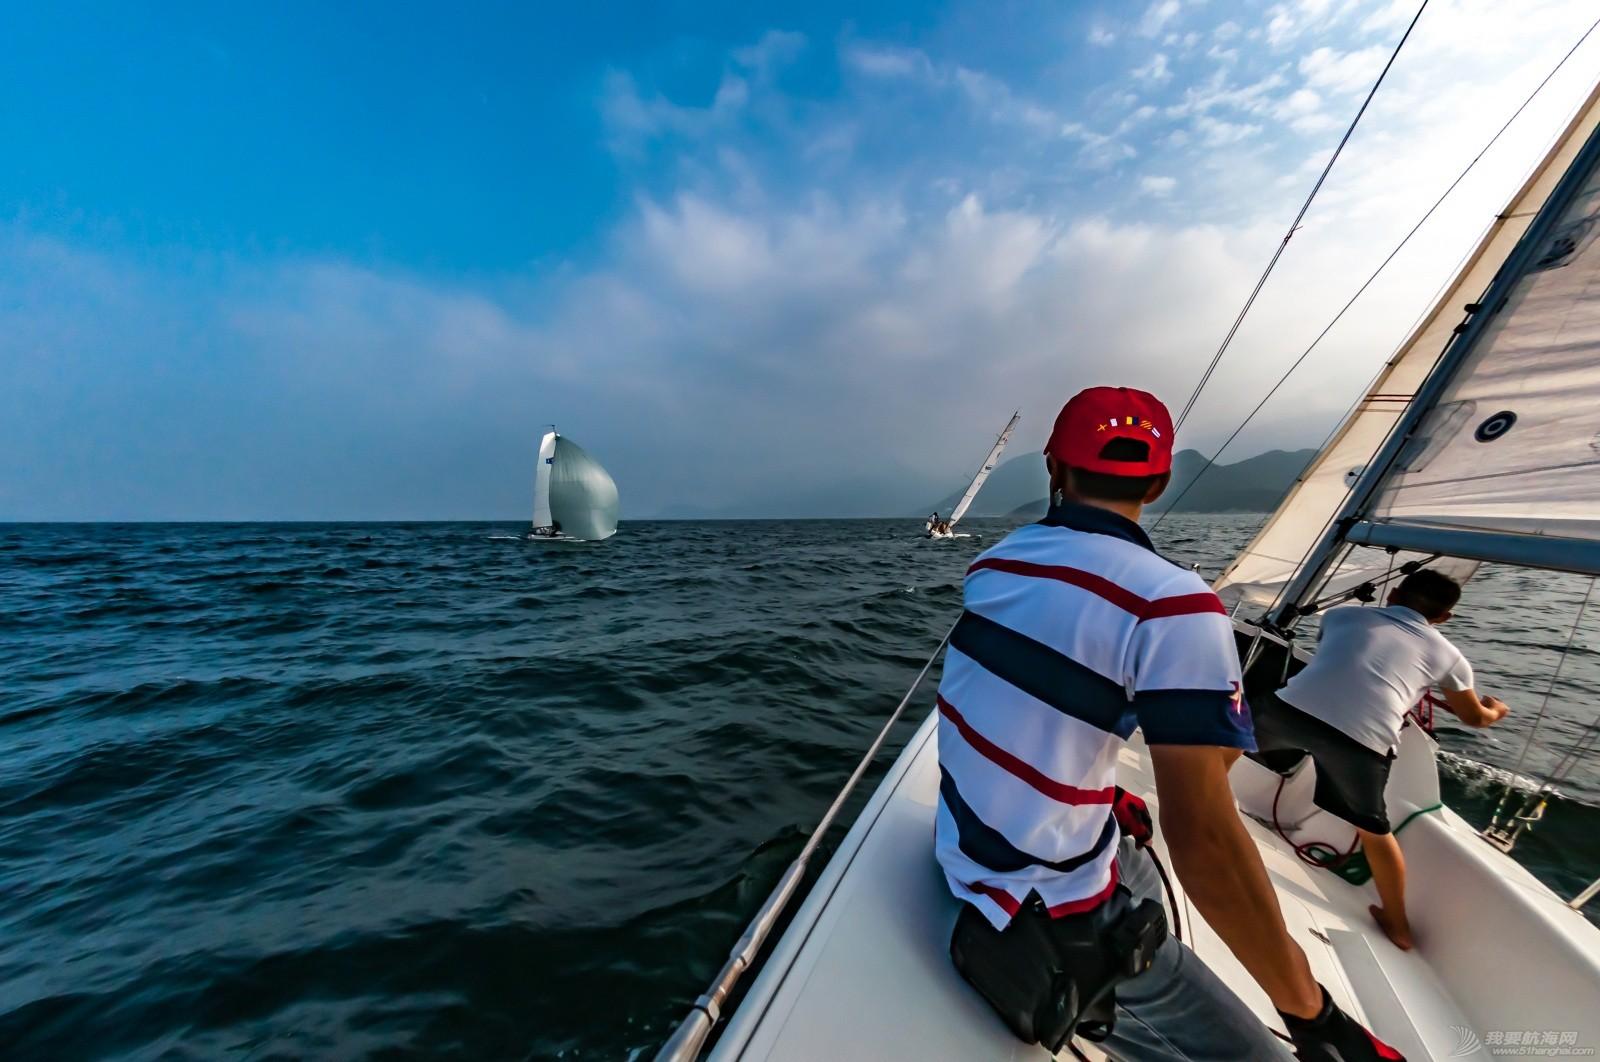 帆船 【2015大鹏杯帆船赛】鱼眼看航海 16024.jpg